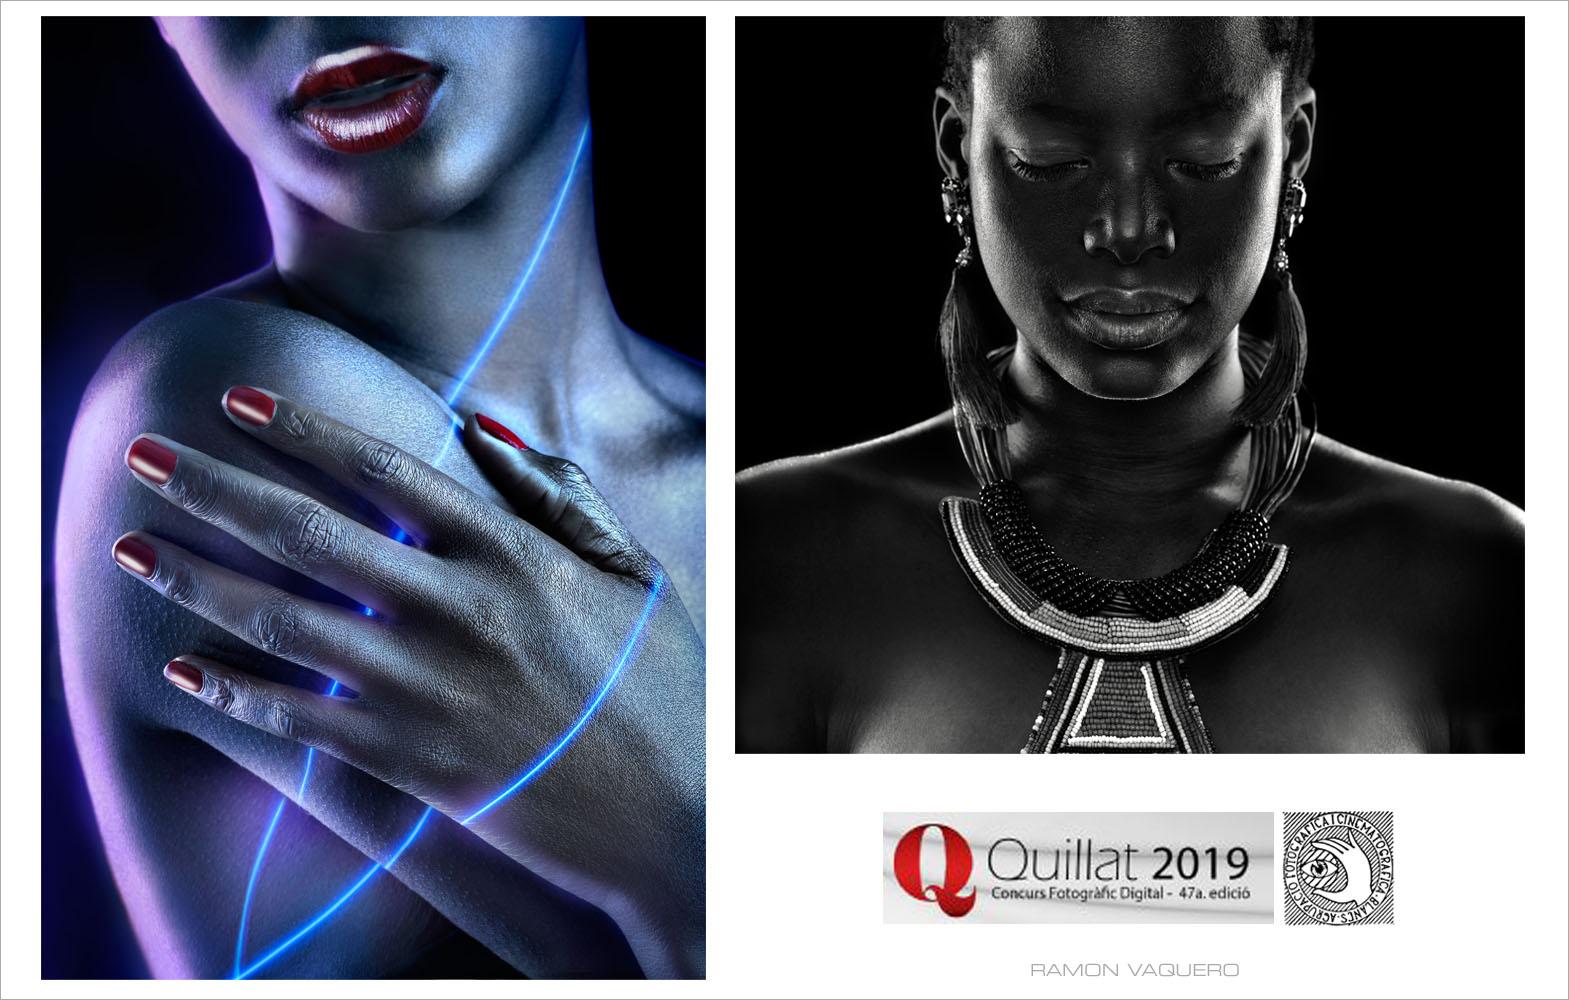 ramon_vaquero_premios_quillat_2019_spain_CEF_FIAP_